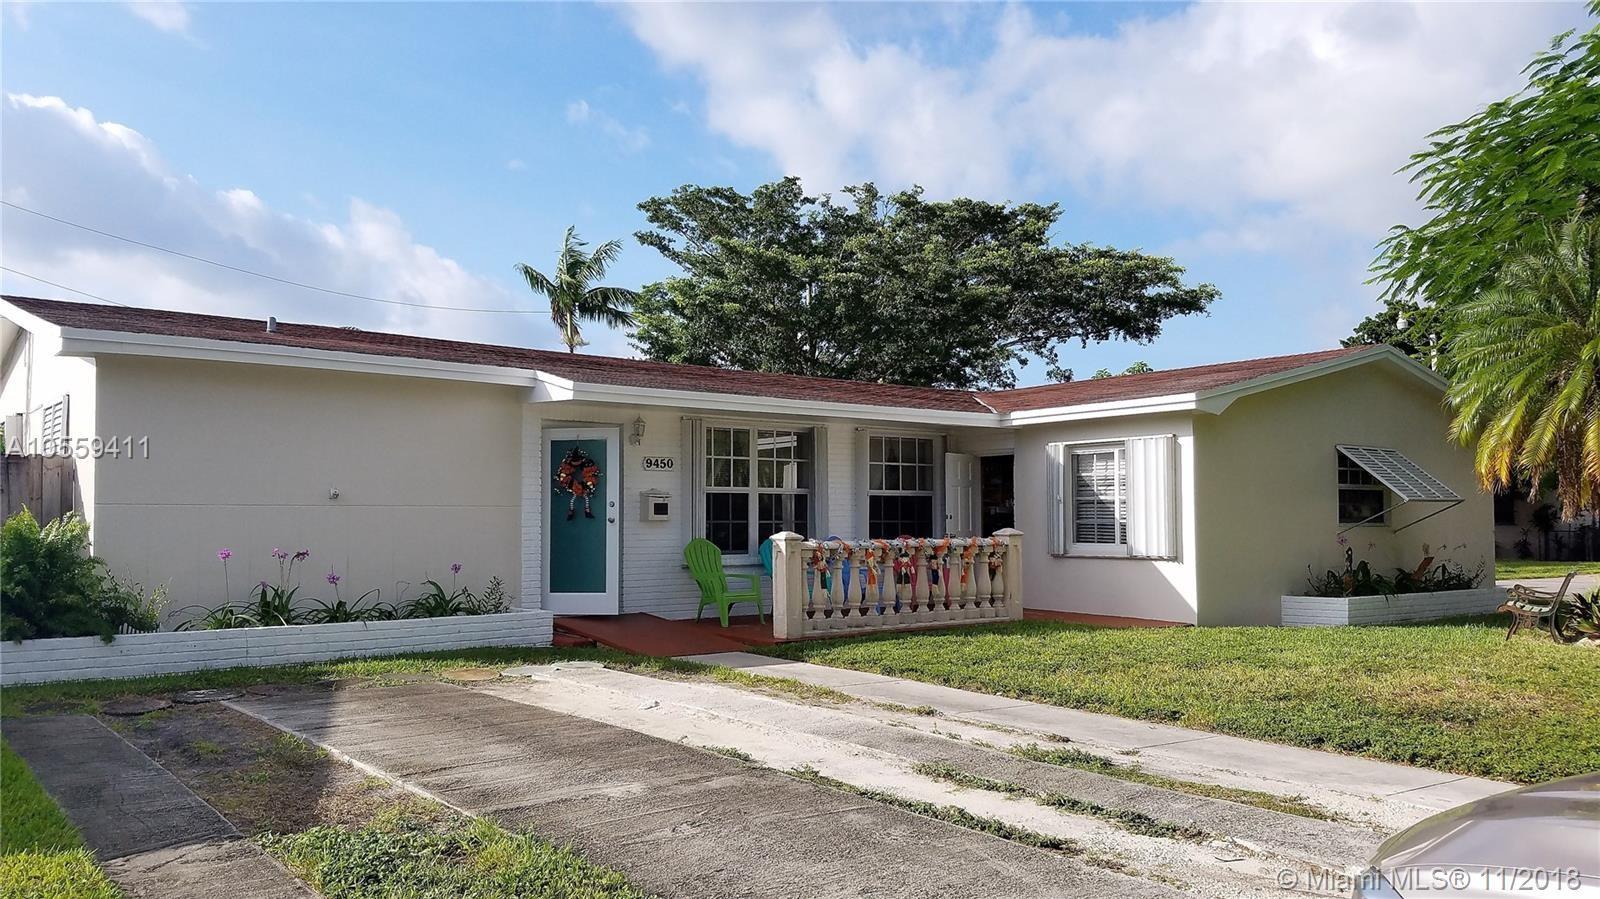 9450 SW 61st St, Miami, FL 33173